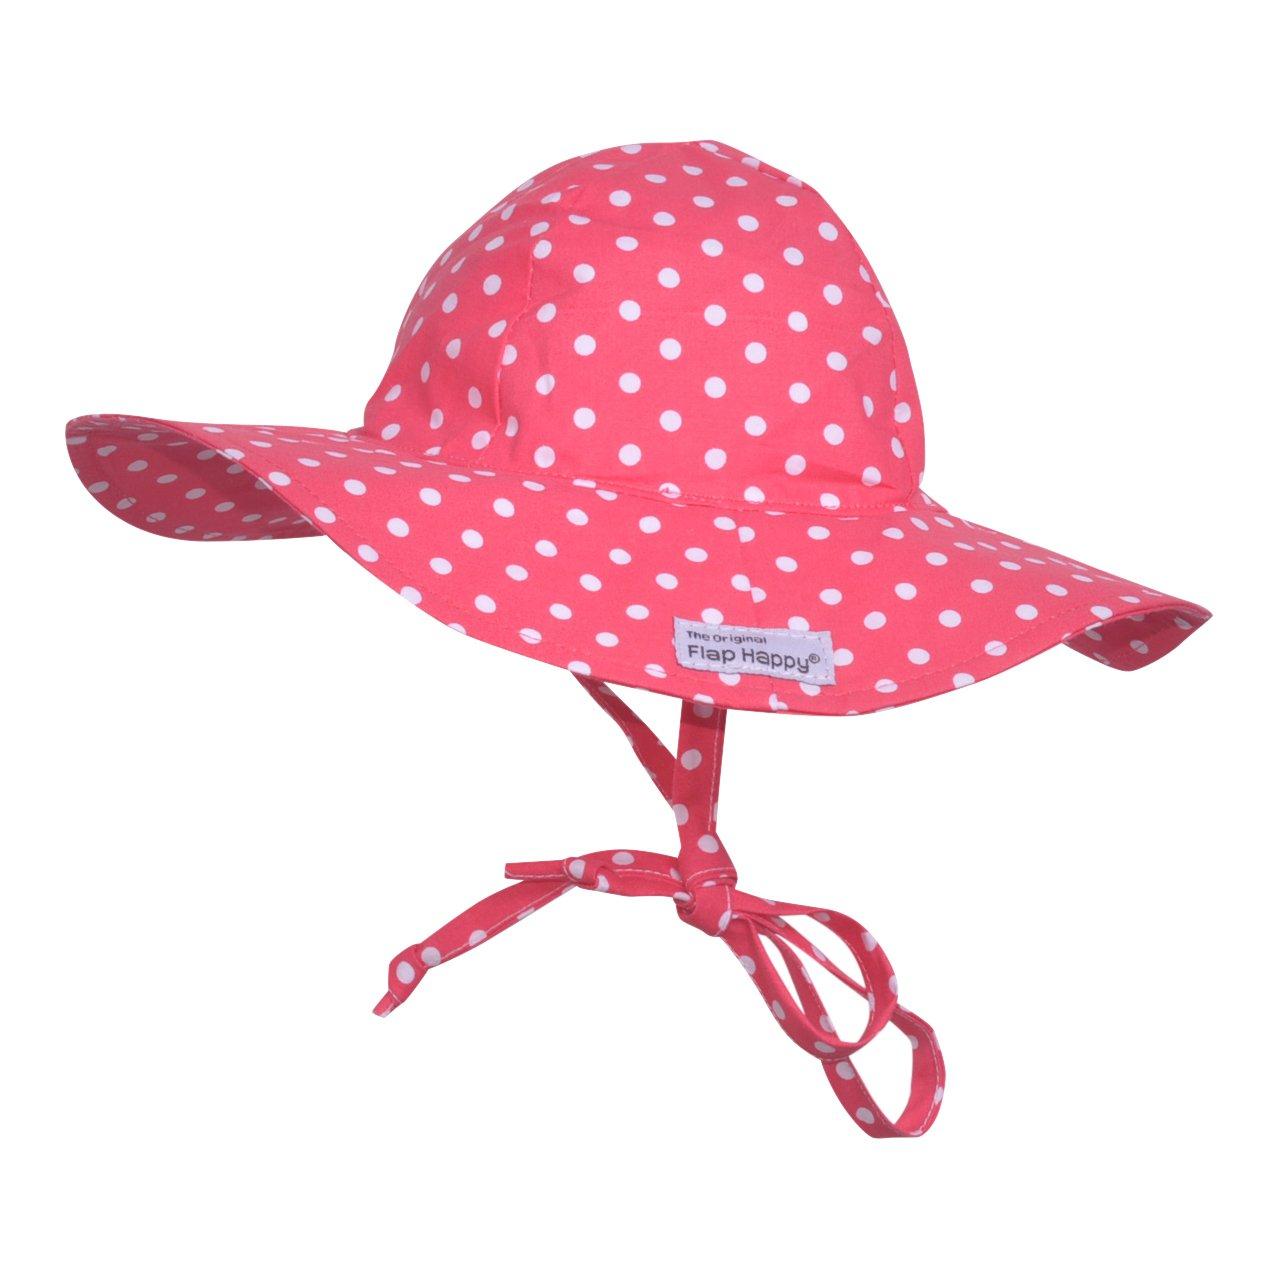 Flap Happy Baby Girls' UPF 50+ Floppy Hat, Red Dot, Medium